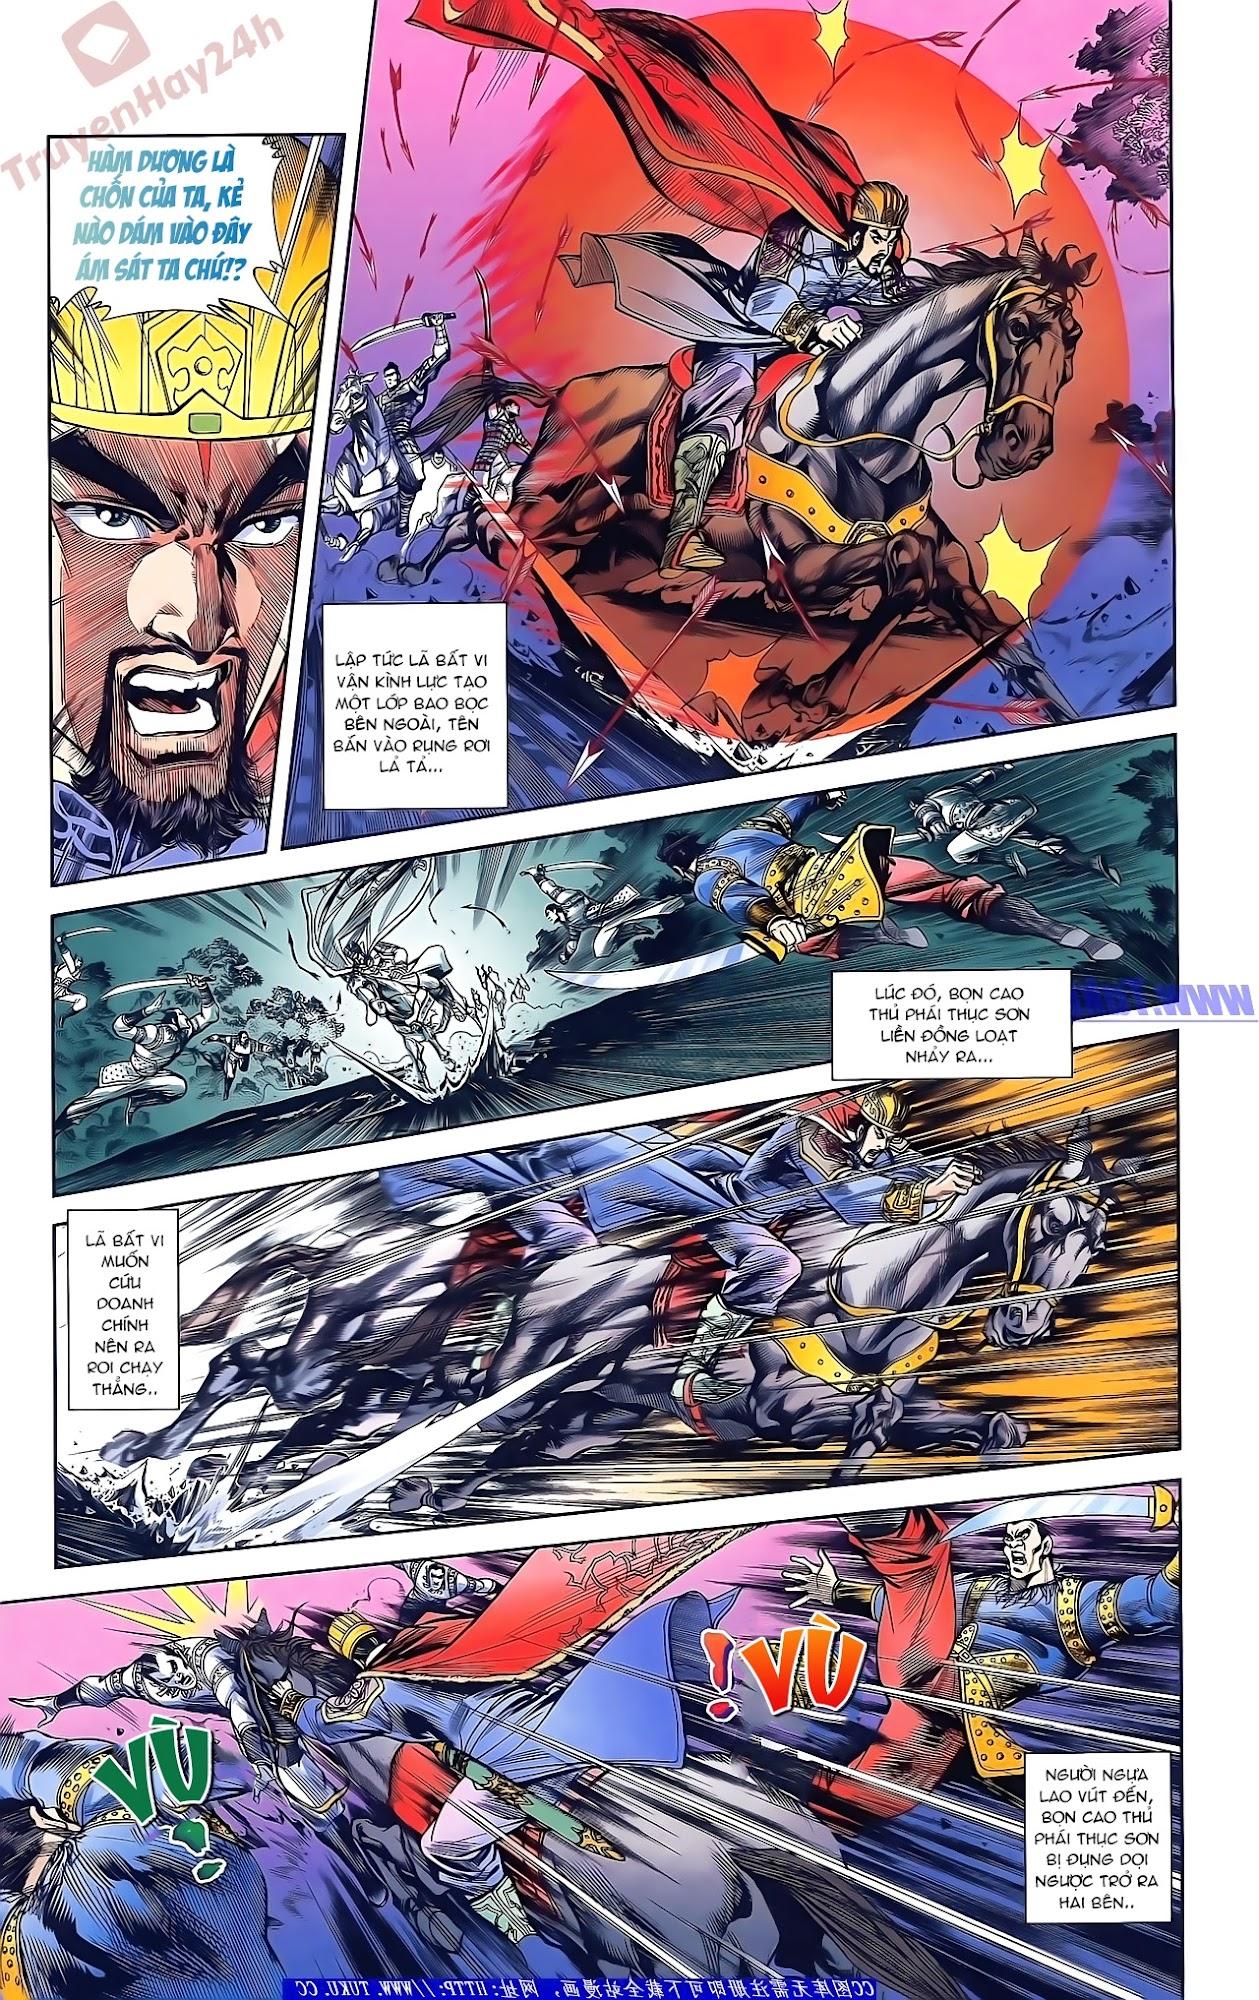 Tần Vương Doanh Chính chapter 45 trang 16